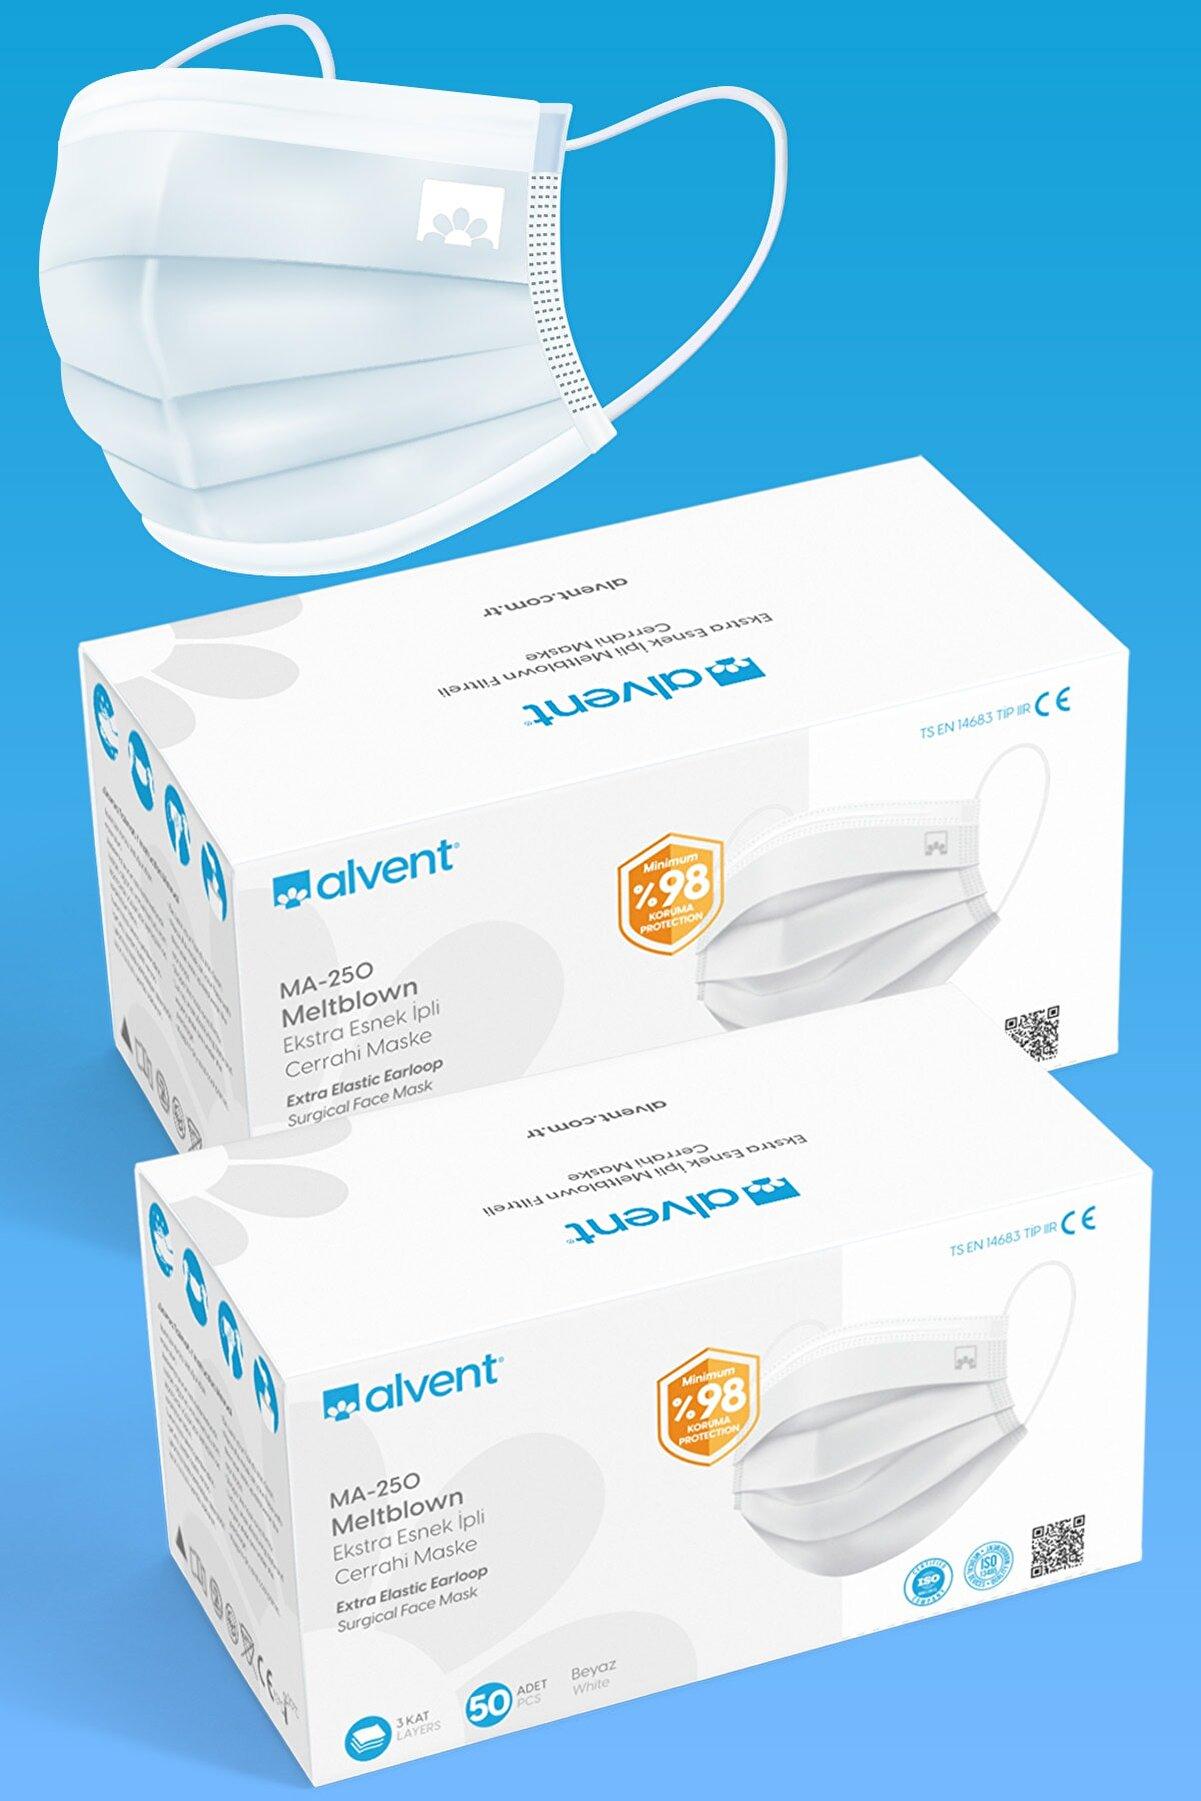 ALVENT Beyaz 3 Katlı Telli Meltblown Filtreli Cerrahi Maske 100 Adet Telli Ma-250